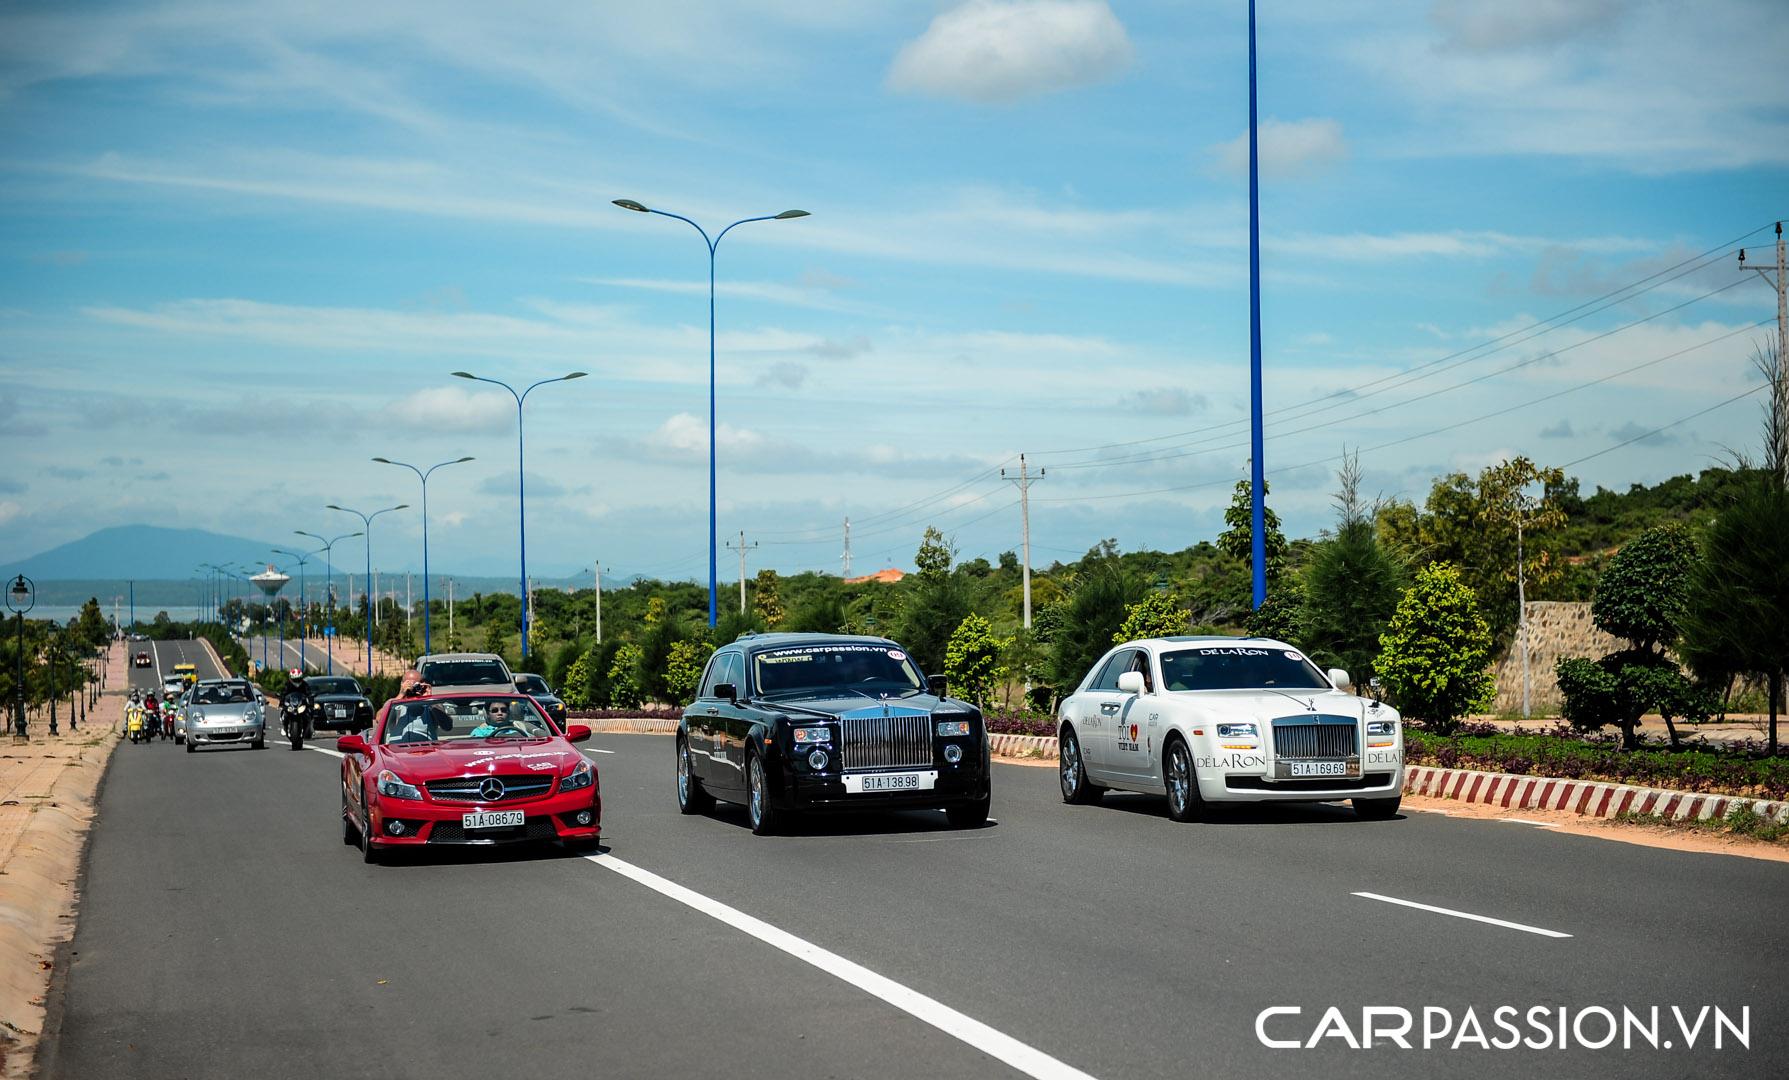 CP-Hành trình siêu xe CarPassion 2011 Day 2 (178).jpg